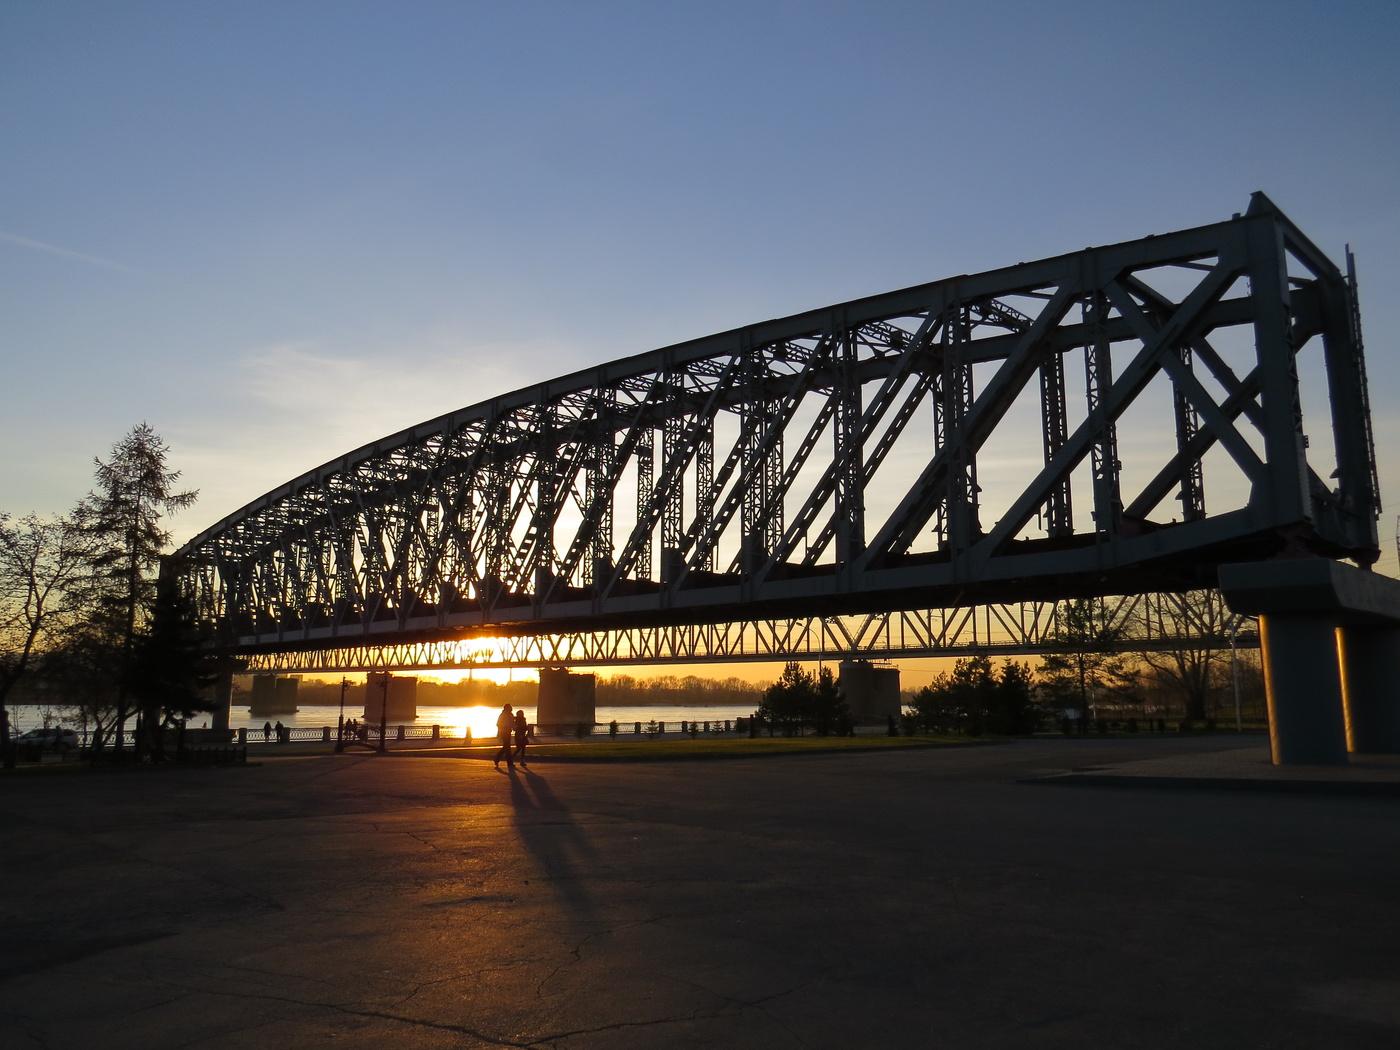 дороге картинки моста комсомольская теплого